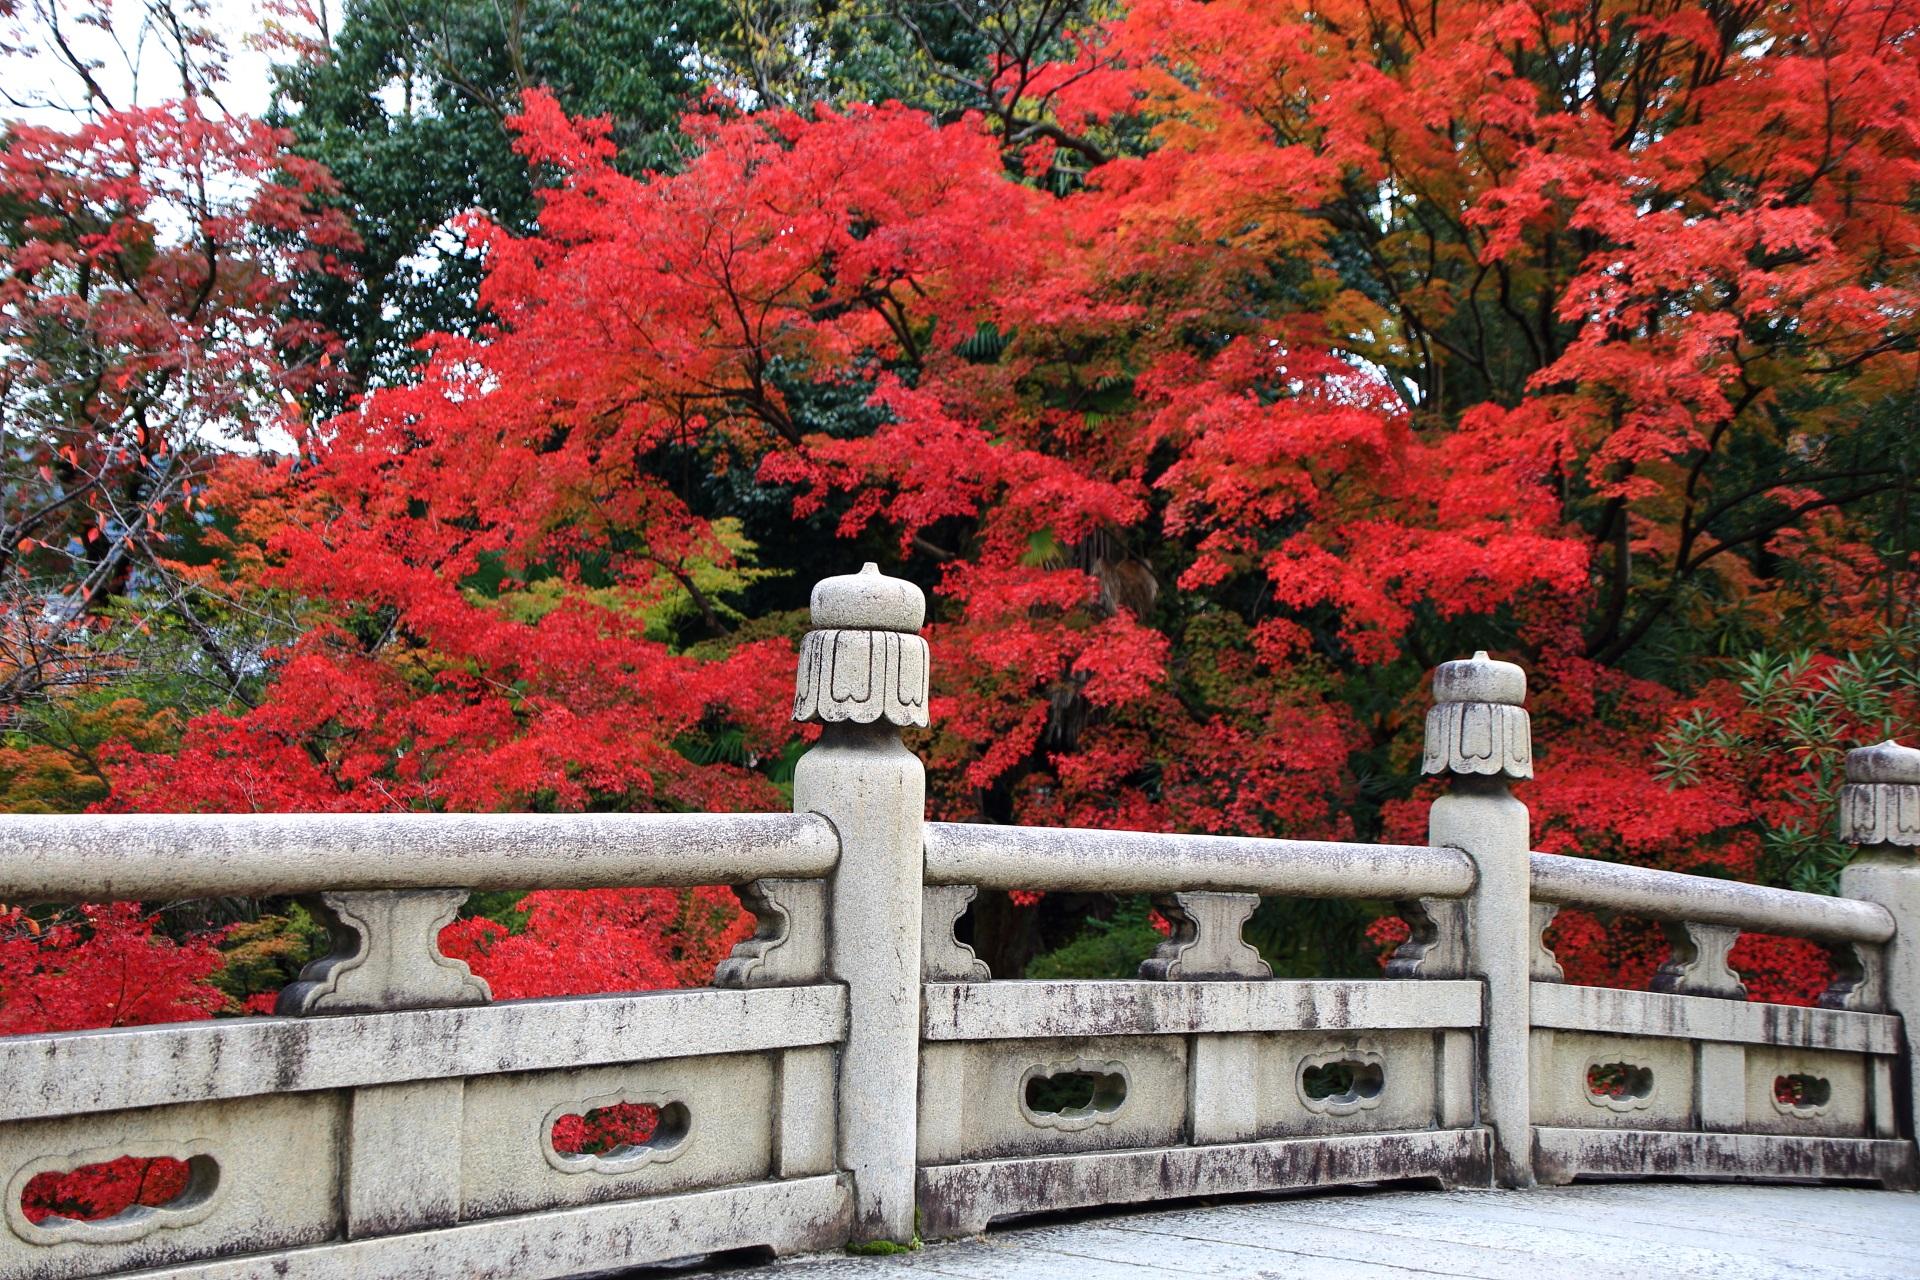 大谷本廟の石橋に映える鮮烈な色合いの燃え上がる紅葉